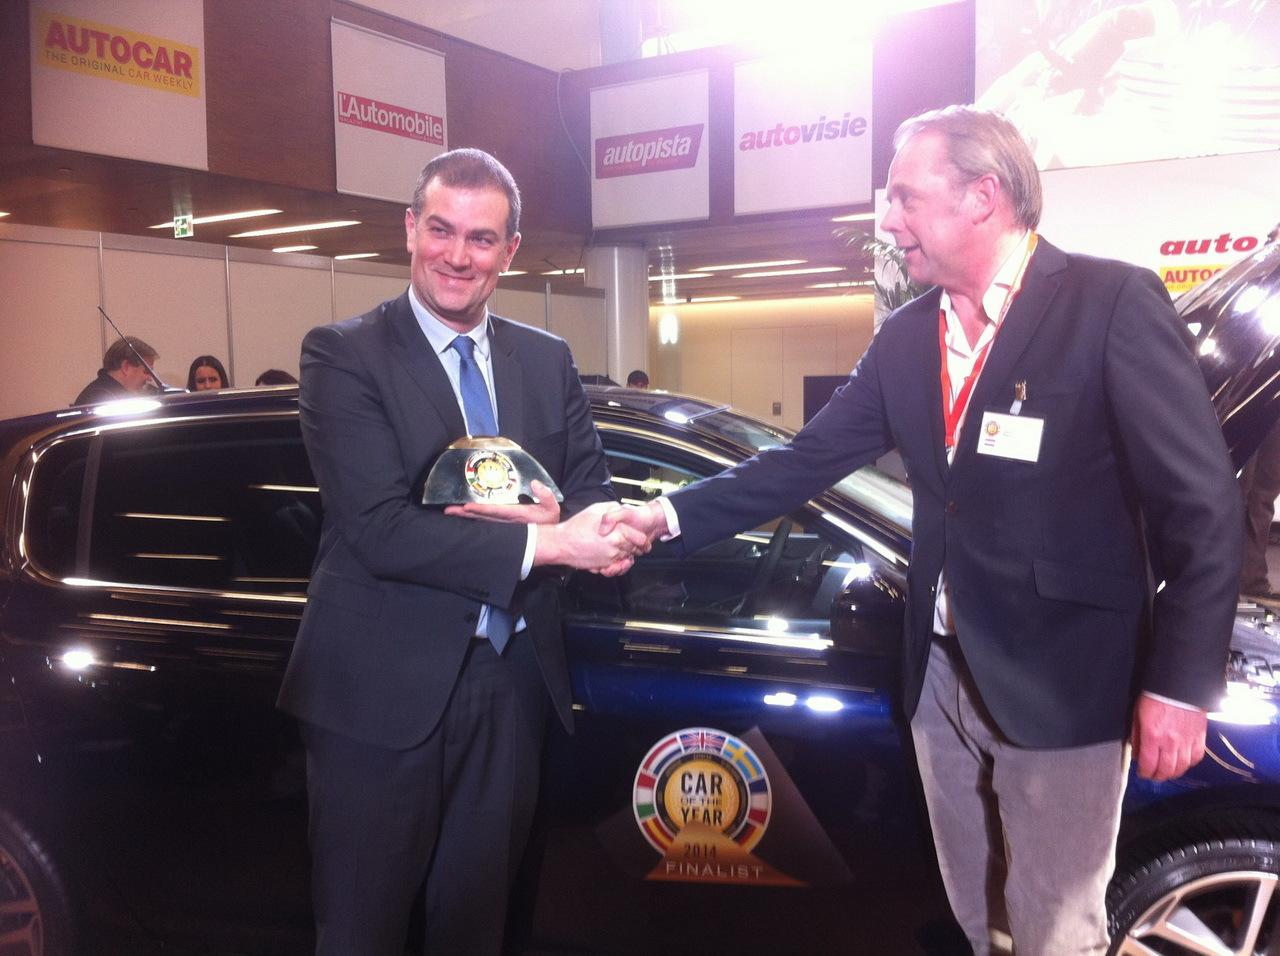 Maxime Picat, DG de Peugeot, reçoit le trophée de la Voiture de l'année 2014 pour la Peugeot 308. Salon de Genève 2014 La Peugeot 308 élue voiture de l'année 2014